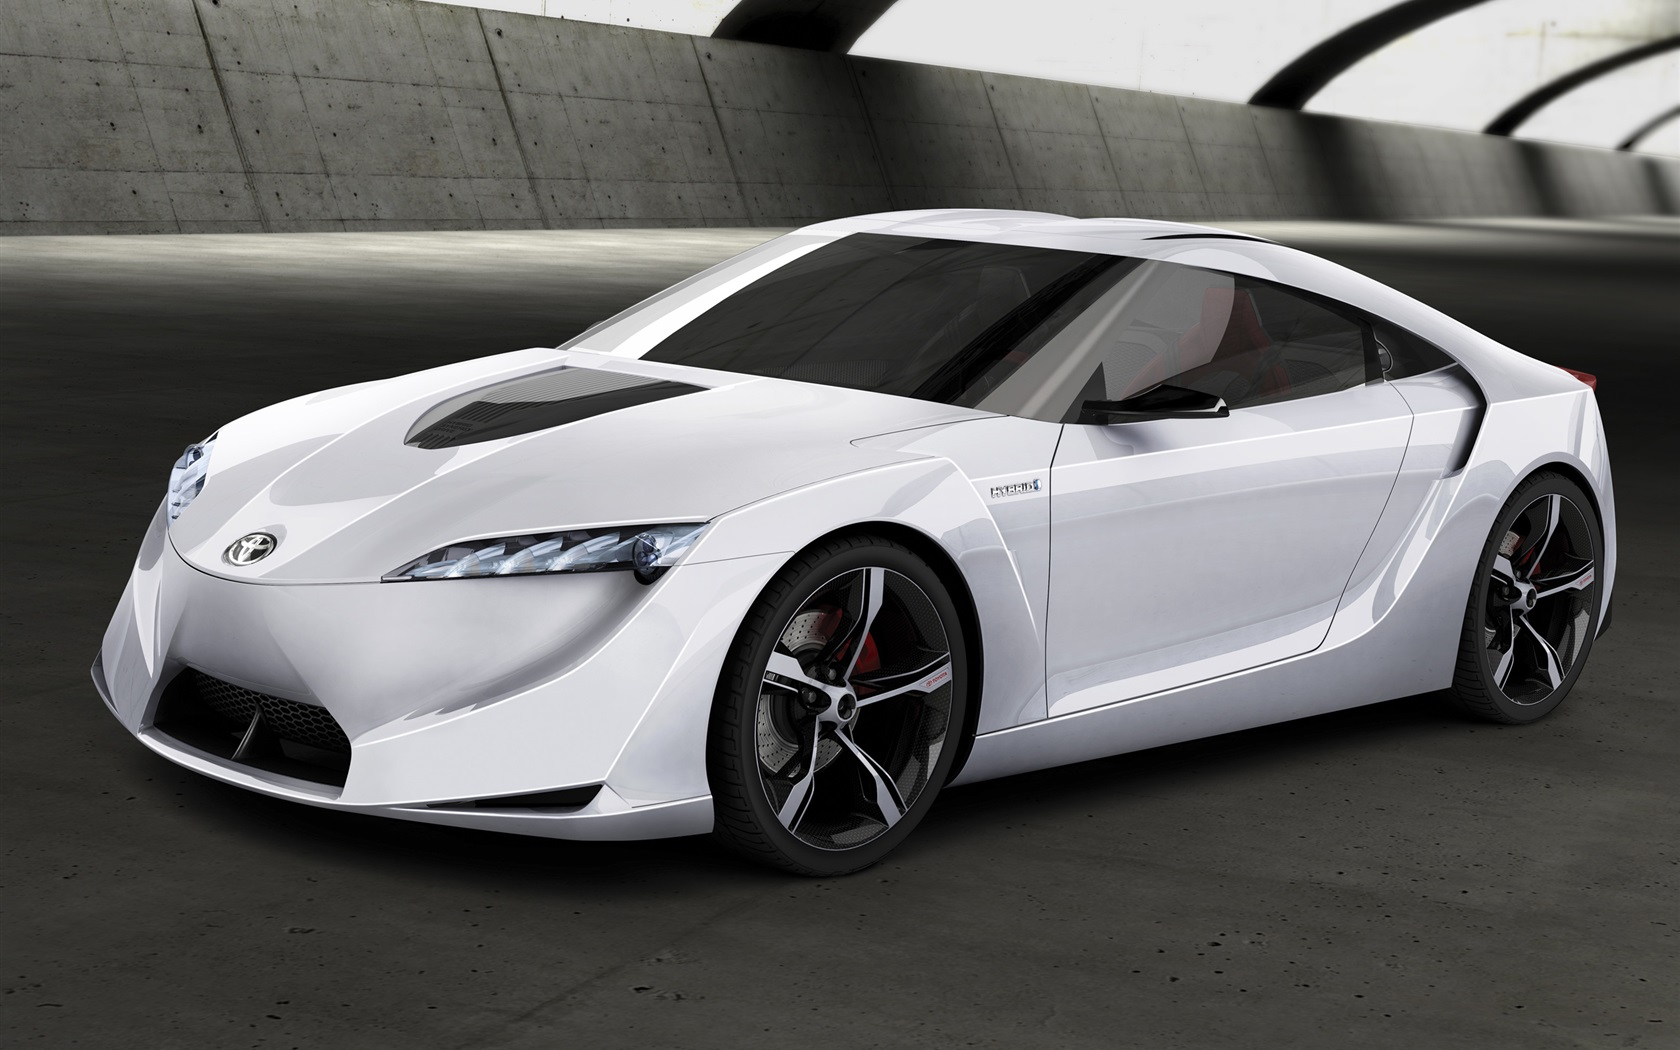 toyota ft hs concept de voiture blanche fonds d 39 cran 1680x1050 fonds d 39 cran de. Black Bedroom Furniture Sets. Home Design Ideas